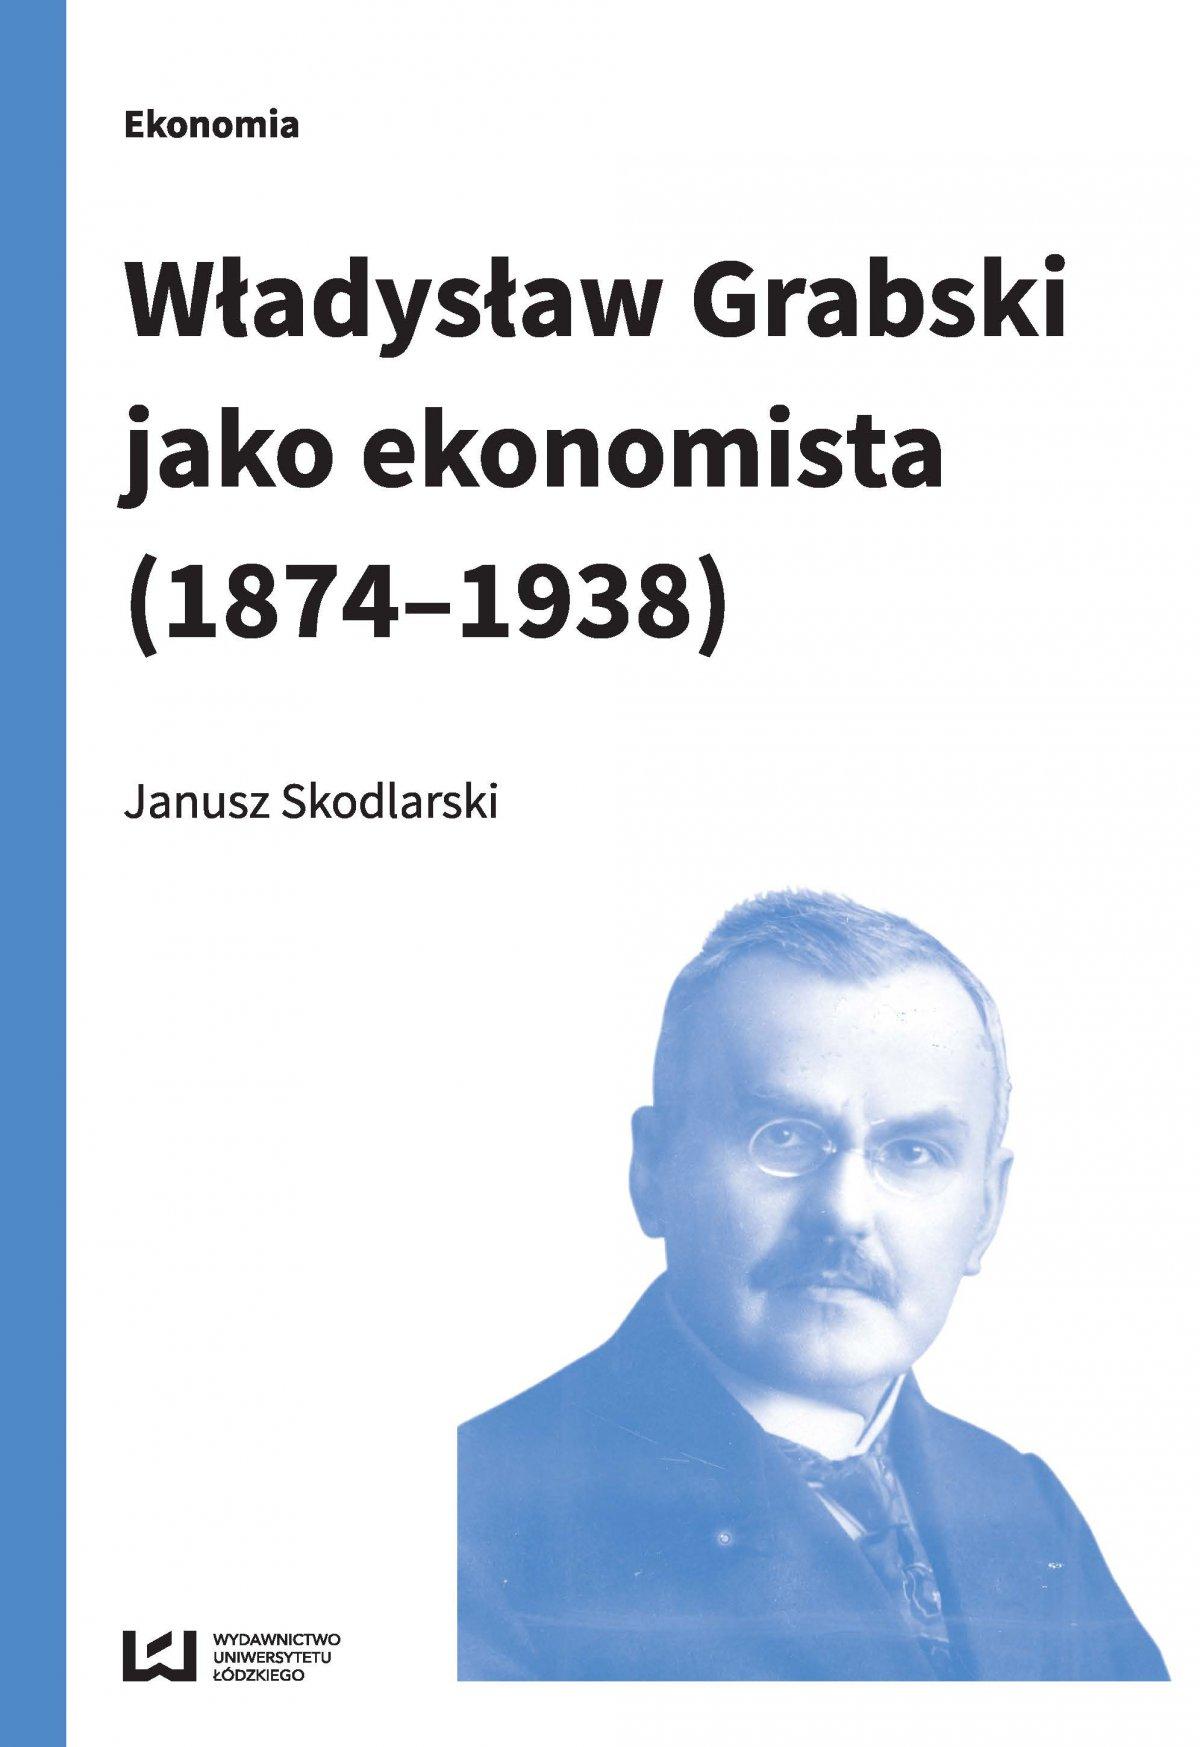 Władysław Grabski jako ekonomista (1874-1938) - Ebook (Książka PDF) do pobrania w formacie PDF